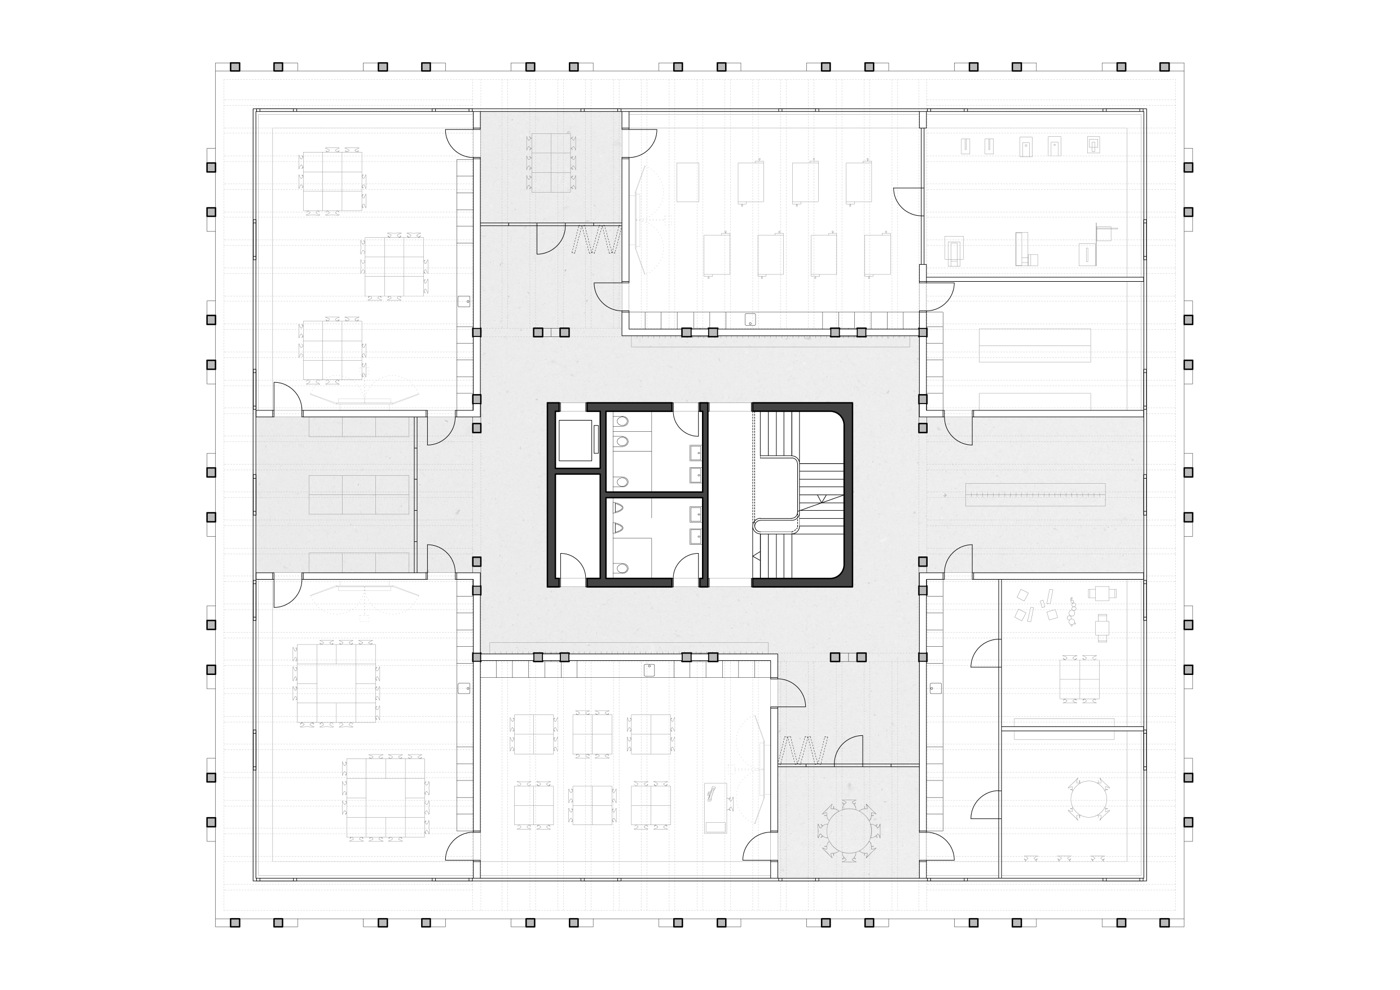 buan-architekten-ersatzneubau schulhaus zentrum-diessenhofen-grundriss-obergeschoss